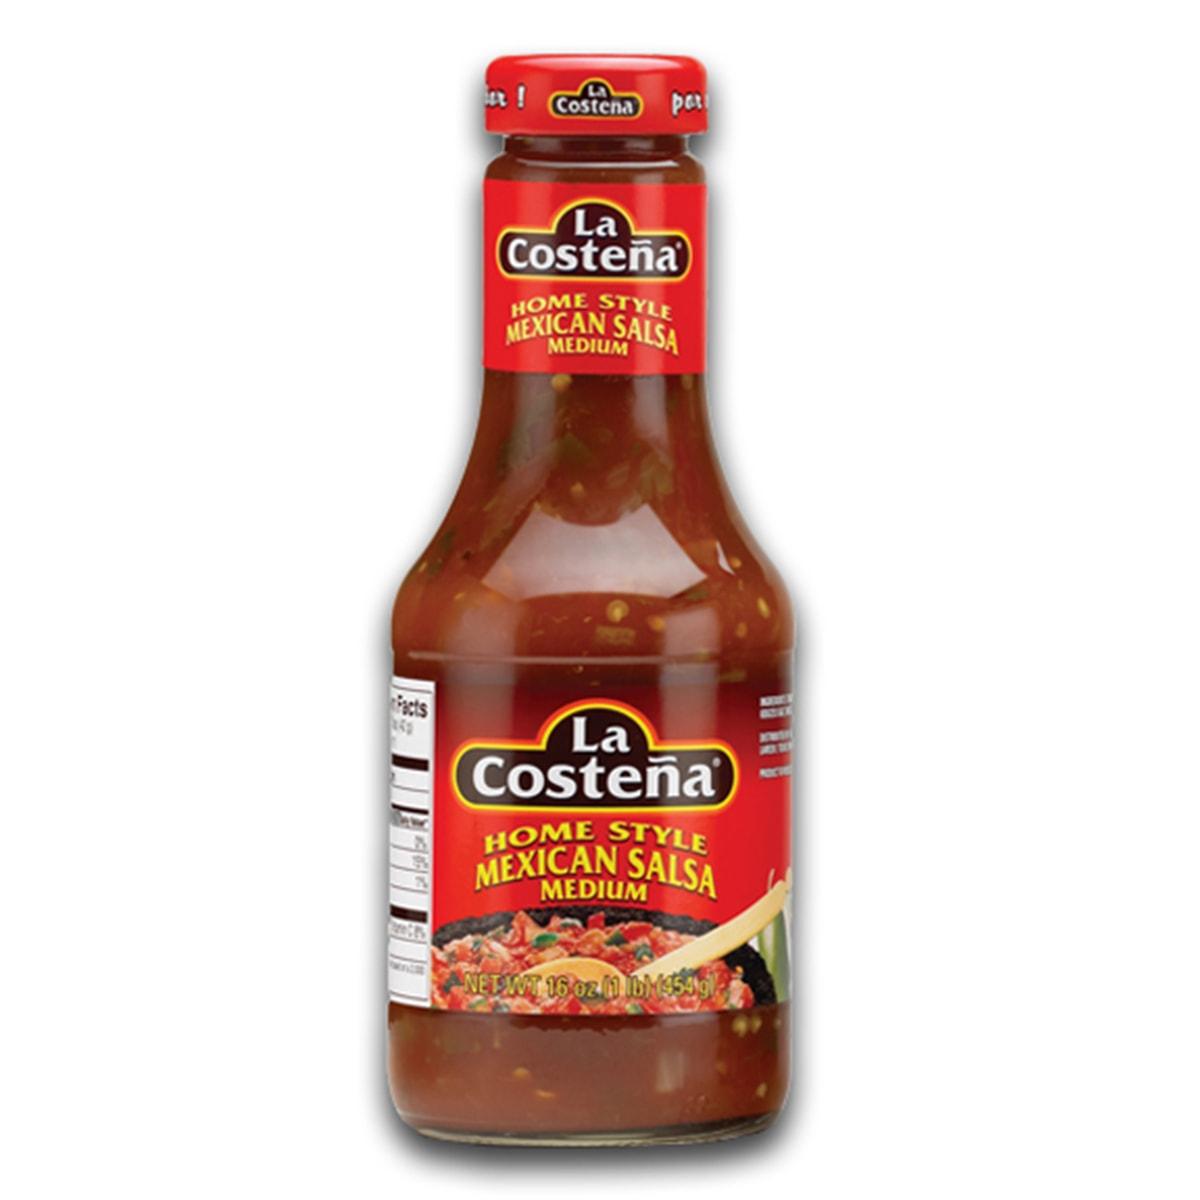 Buy La Costena Home Style Mexican Salsa Medium - 454 gm